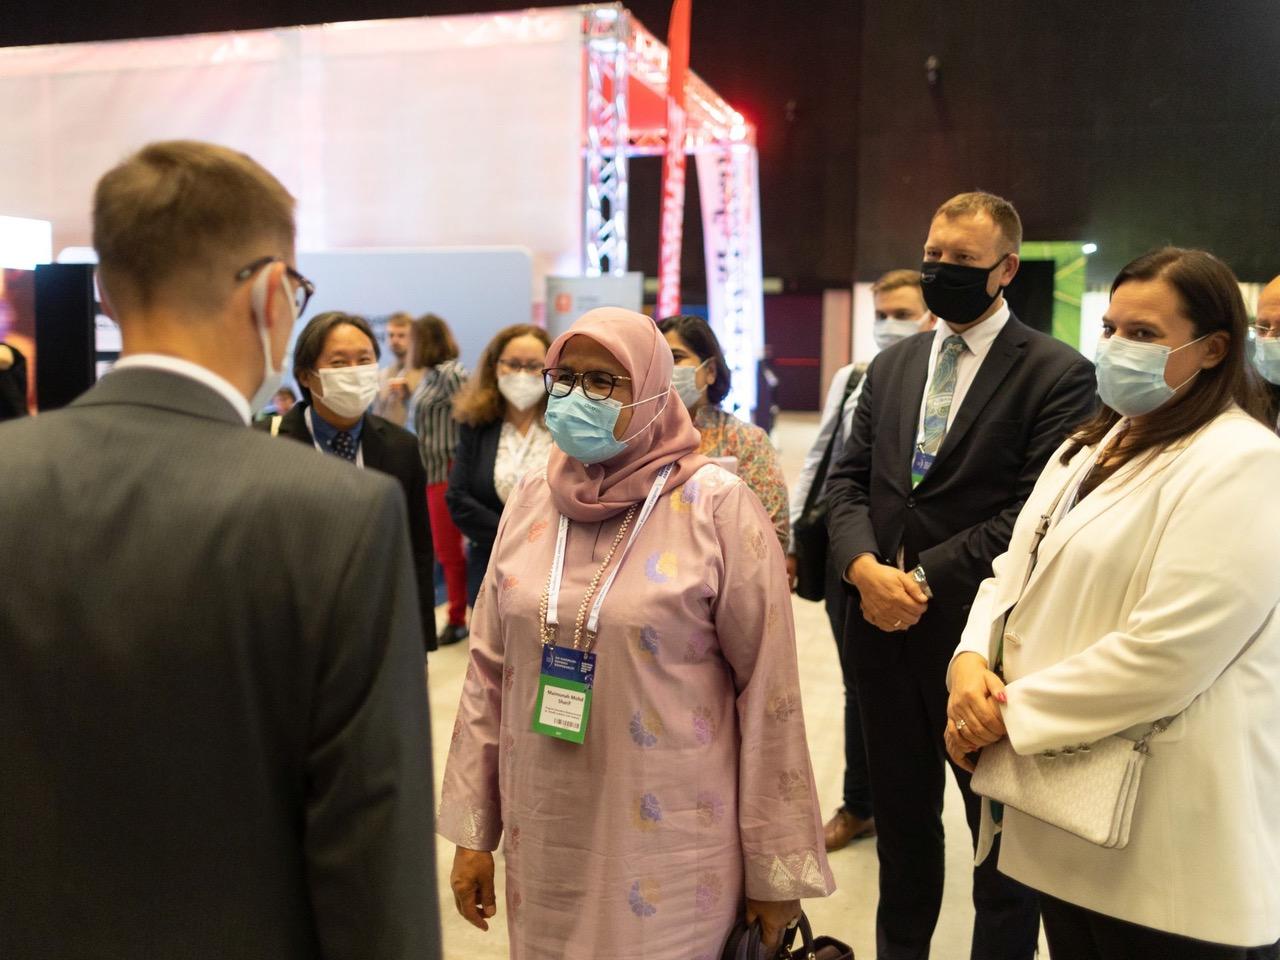 Na zdj. Maimunah Mohd Sharif, dyrektor wykonawcza, Program Narodów Zjednoczonych ds. Osiedli Ludzkich (UN-Habitat)